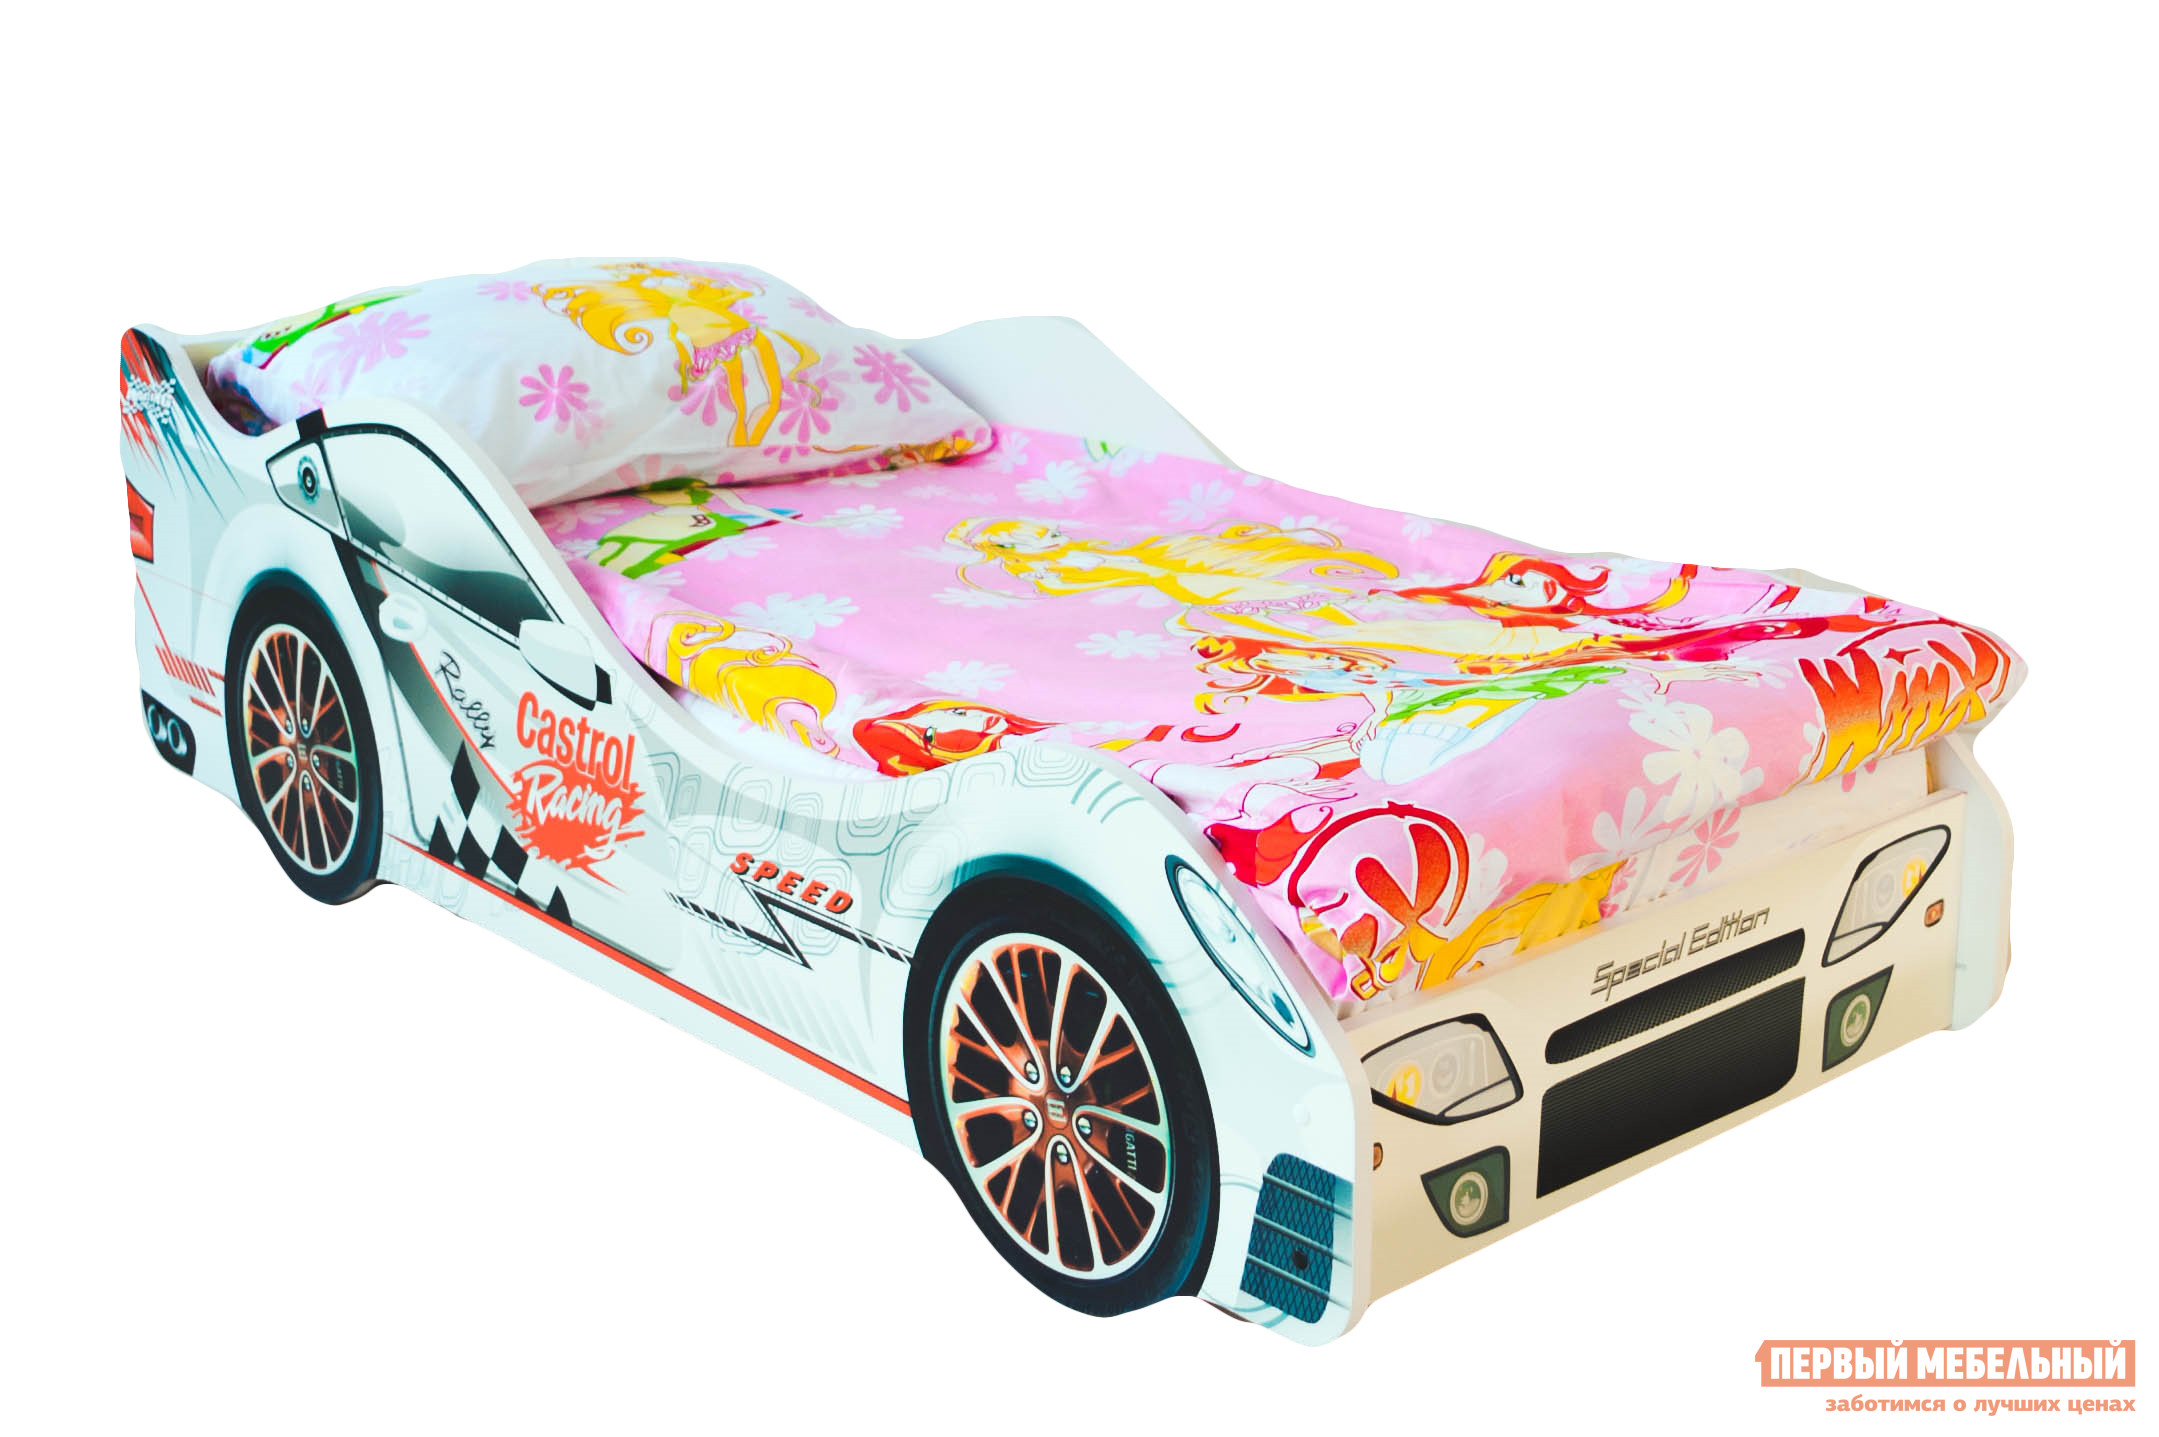 Кровать-машина Бельмарко Безмятежность Белый, С матрасомКровати-машины<br>Габаритные размеры ВхШхГ 500x750x1700 мм. Яркий гоночный болид станет лучшим проводником в веселые сны. Размер спального места составляет 700х1600 мм. Боковые линии кровати позволяют взрослому удобно сидеть, пока ребенок засыпает, при этом малыш никогда не упадет во сне. Модель очень легко собирается в течении 10 минут. Основание под матрас — деревянные прочные латы, выдерживающие нагрузку до 200 кг.  Латы позволяют матрасу «дышать», если он намокнет — достаточно его перевернуть и он высохнет. Материал изготовления — ЛДСП класса E1 с прямой ультрафиолетовой печатью, что обеспечивает долговечность и безопасность в эксплуатации. Обратите внимание! Необходимо выбрать комплектацию: с матрасом или без. Также вы можете дополнительно заказать светодиодную подсветку дна кровати и пластиковые объемные колеса, с которыми вы можете более подробно ознакомиться во вкладке «Аксессуары».<br><br>Цвет: Белый<br>Высота мм: 500<br>Ширина мм: 750<br>Глубина мм: 1700<br>Кол-во упаковок: 2<br>Форма поставки: В разобранном виде<br>Срок гарантии: 1 год<br>Материал: Дерево<br>Материал: ЛДСП<br>С бортиками: Да<br>С колесами: Да<br>С матрасом: Да<br>С подсветкой: Да<br>Возраст: От 3-х лет<br>Модель: Гонка<br>Пол: Для девочек<br>Пол: Для мальчиков